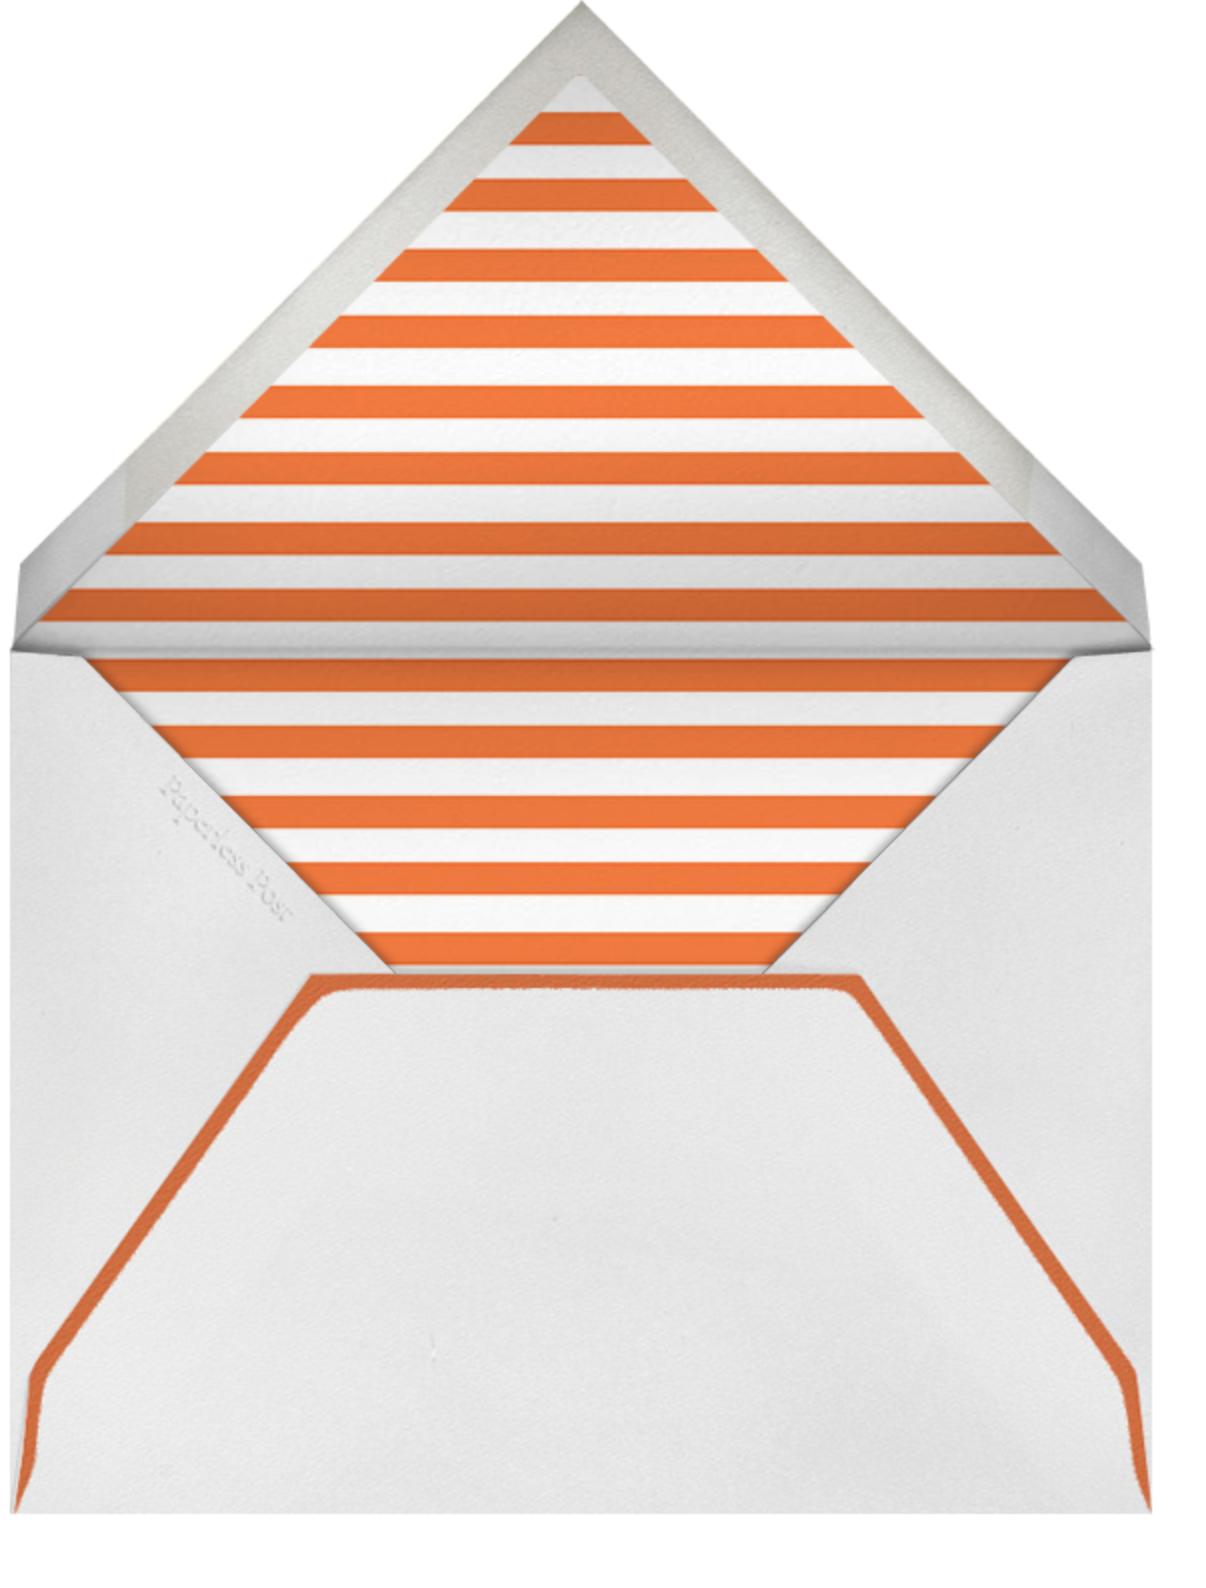 Heart Save the Date - Blue Orange - The Indigo Bunting - The Indigo Bunting - envelope back